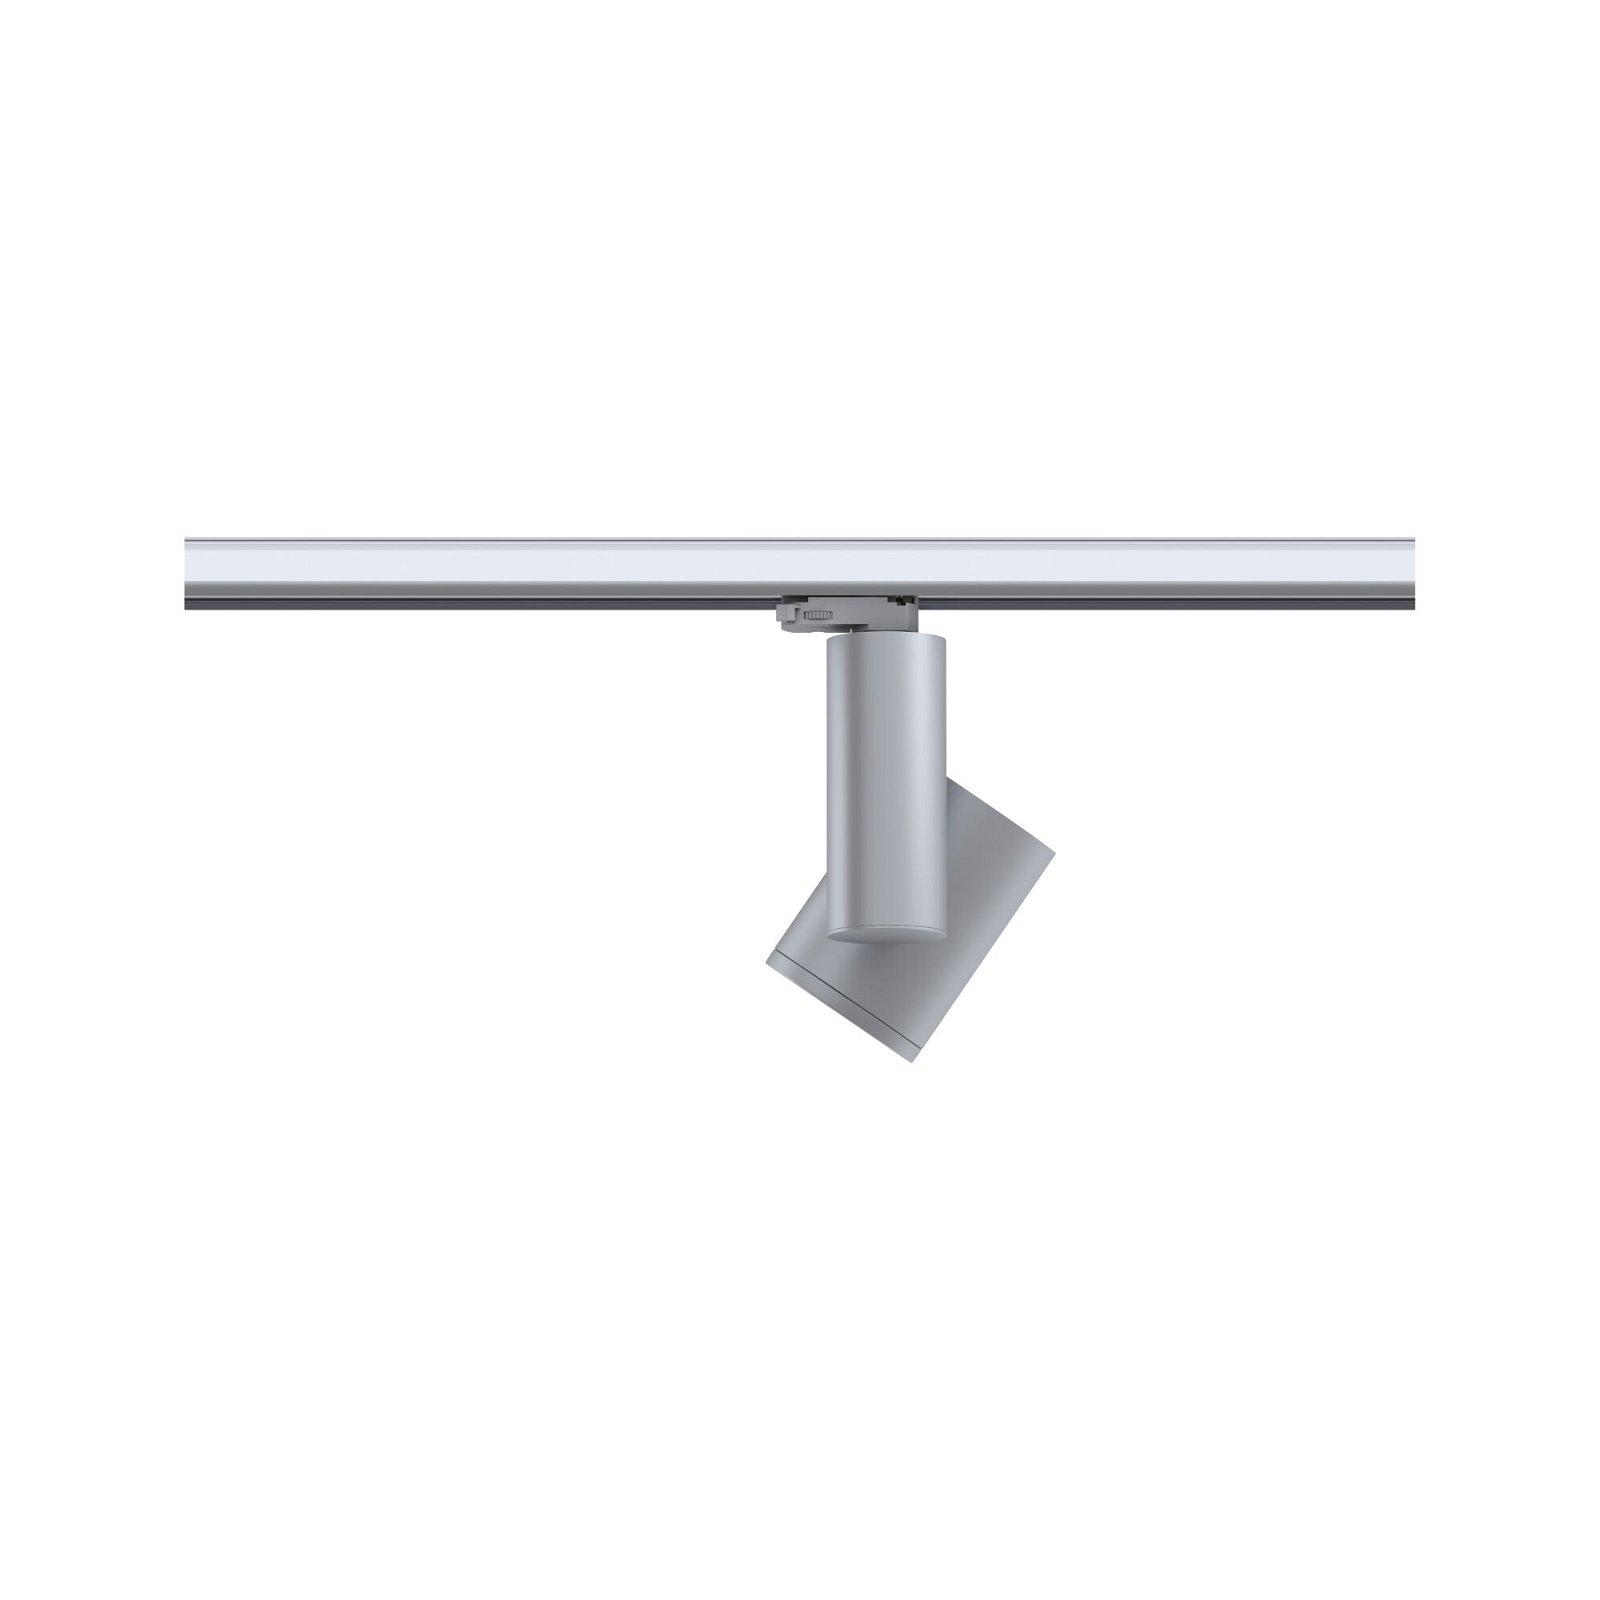 ProRail3 LED Schienenspot Zeuz 39° 3680lm 33W 3000K 230V Silber